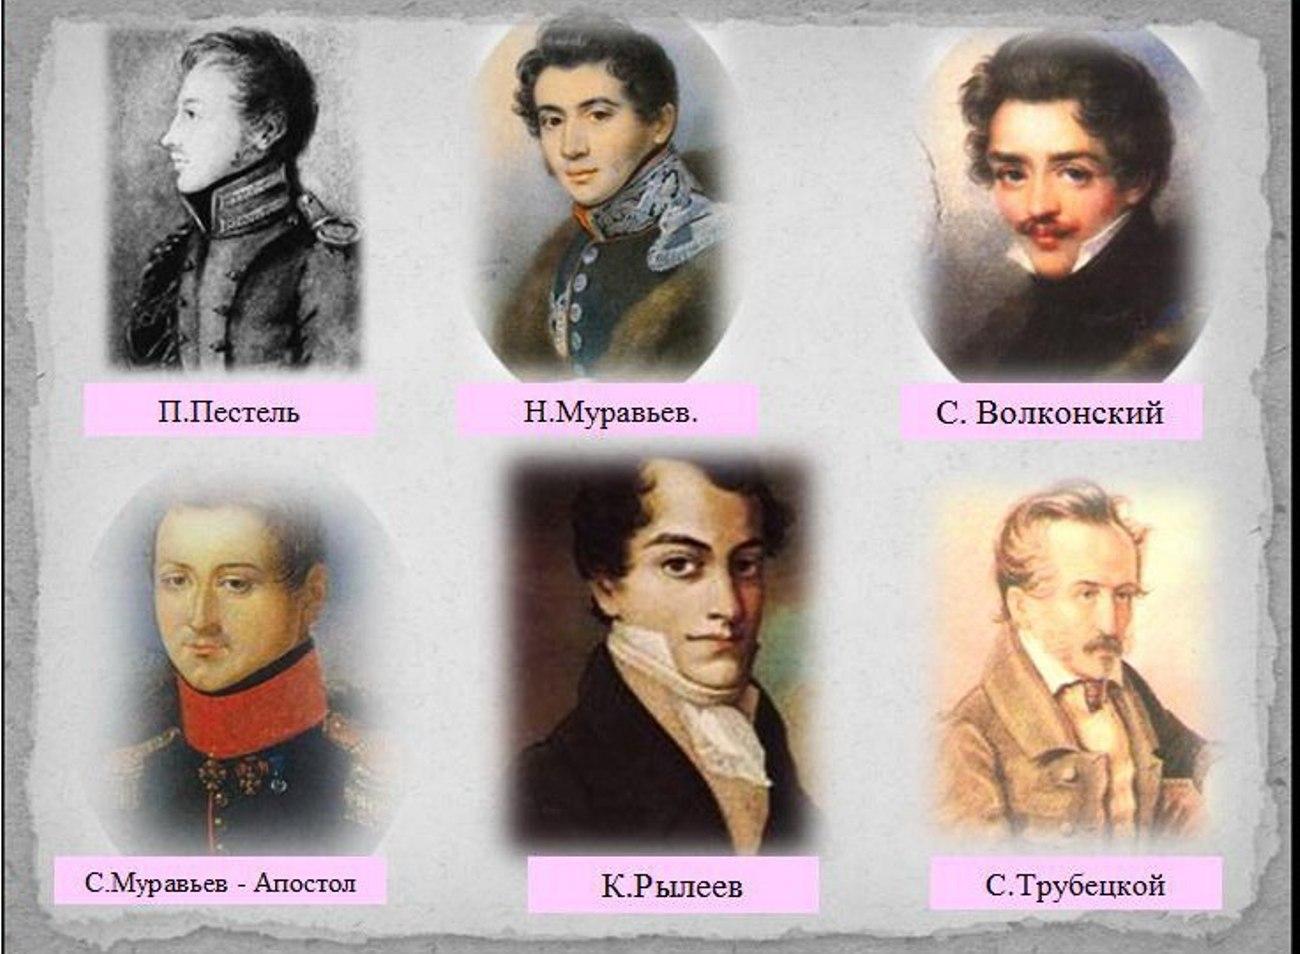 Наполеона и гитлера россия отразила всего за несколько месяцев